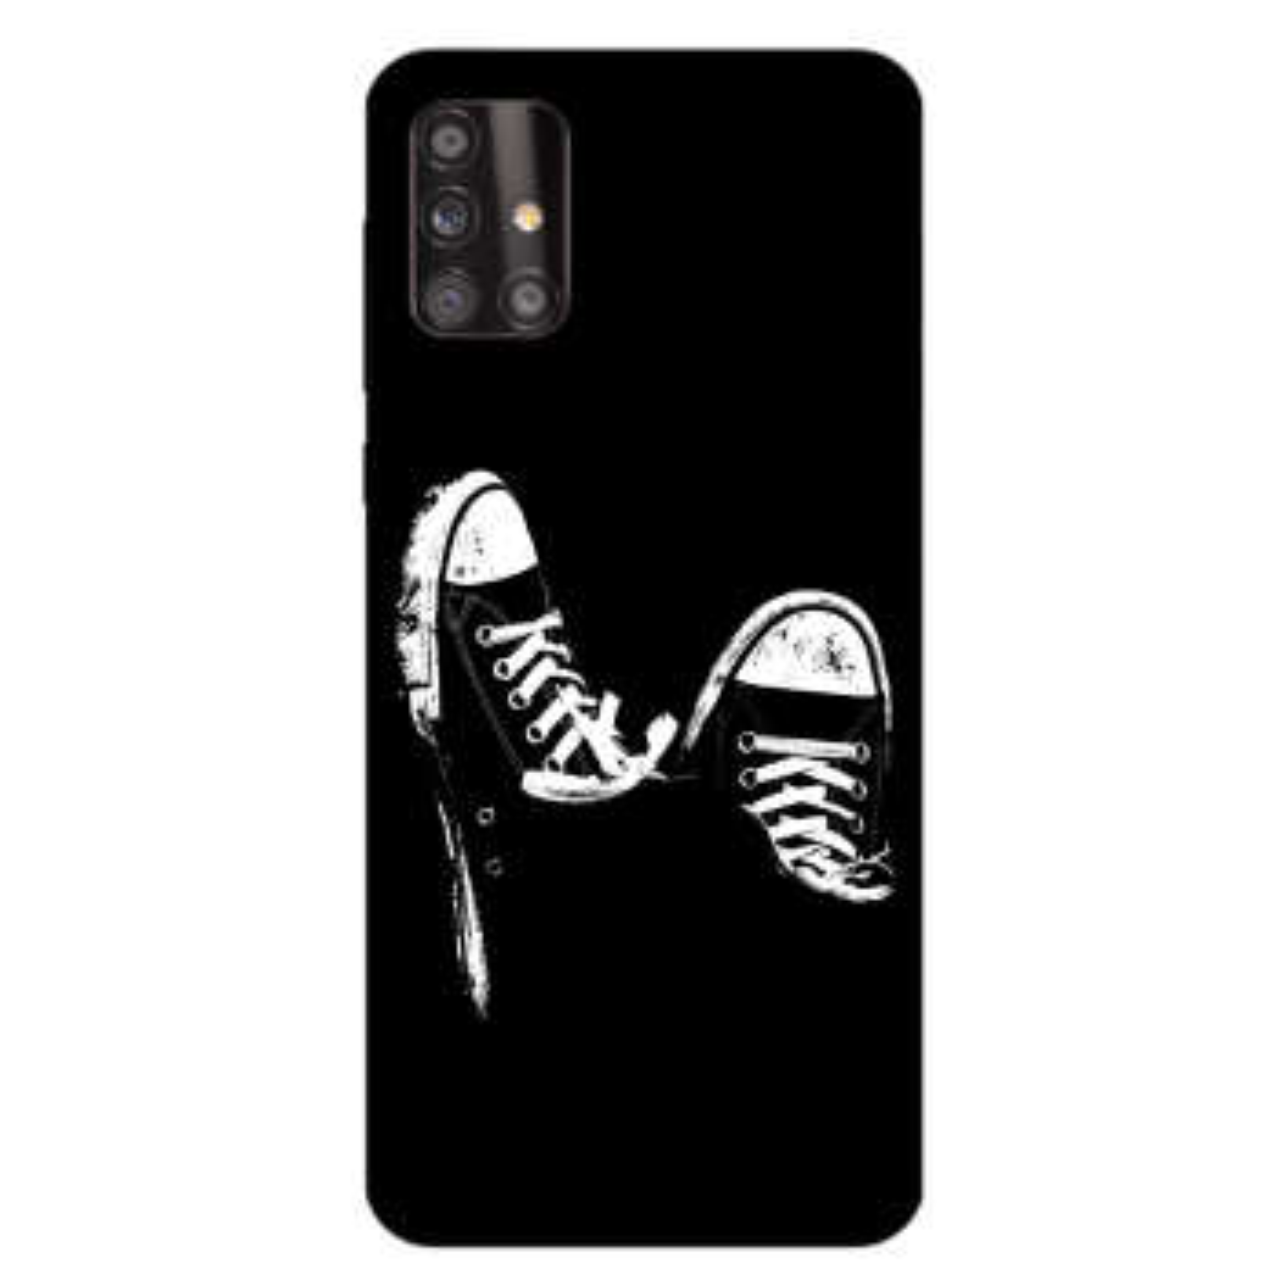 کاور کی اچ کد 0043 مناسب برای گوشی موبایل سامسونگ Galaxy A51